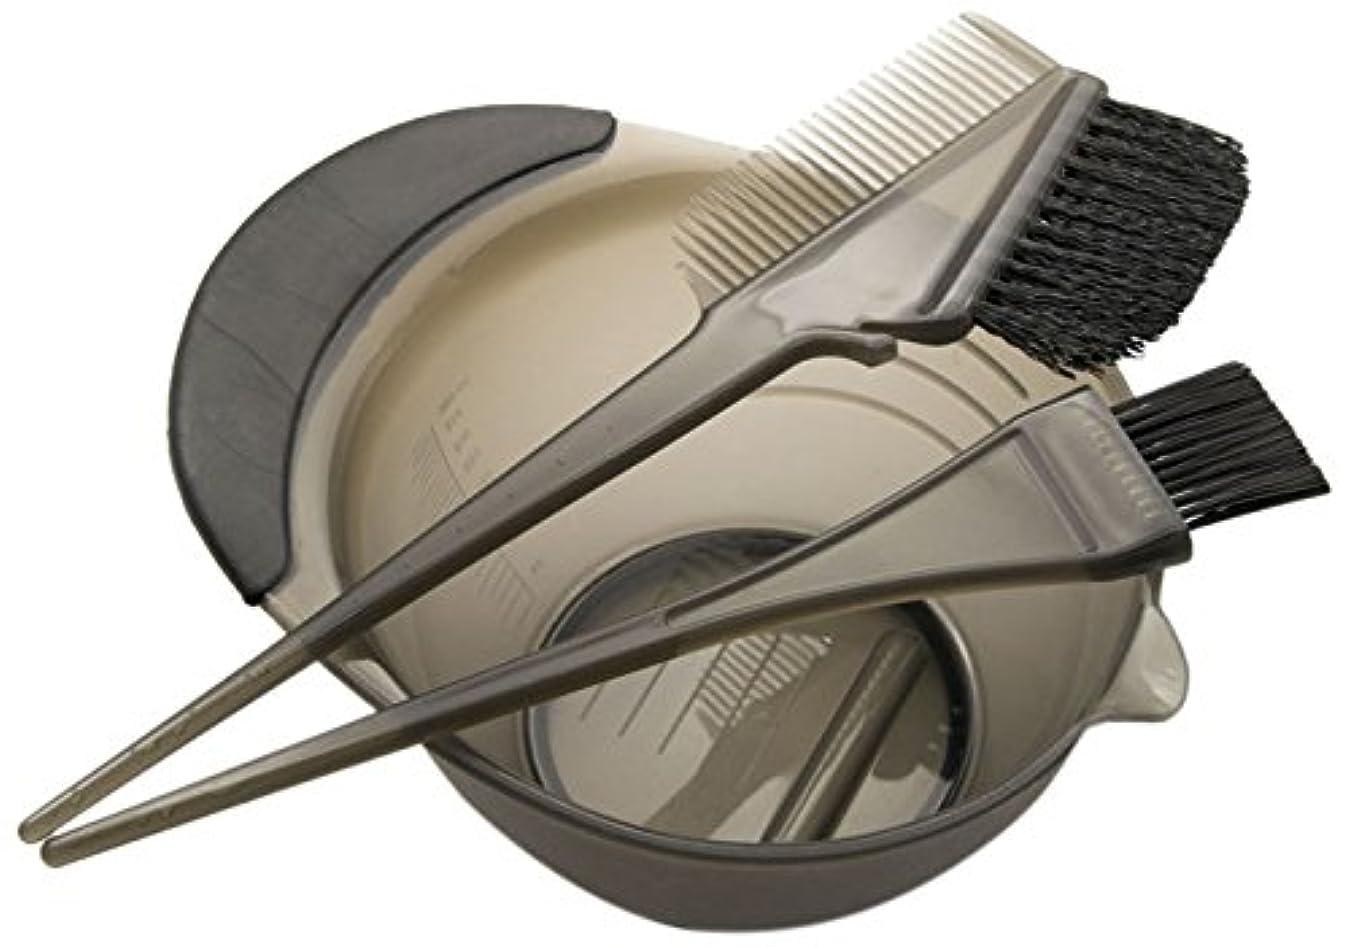 朝パドル洞察力のあるDEEDS E-0001 プロ用 へアカラーセット ブラック